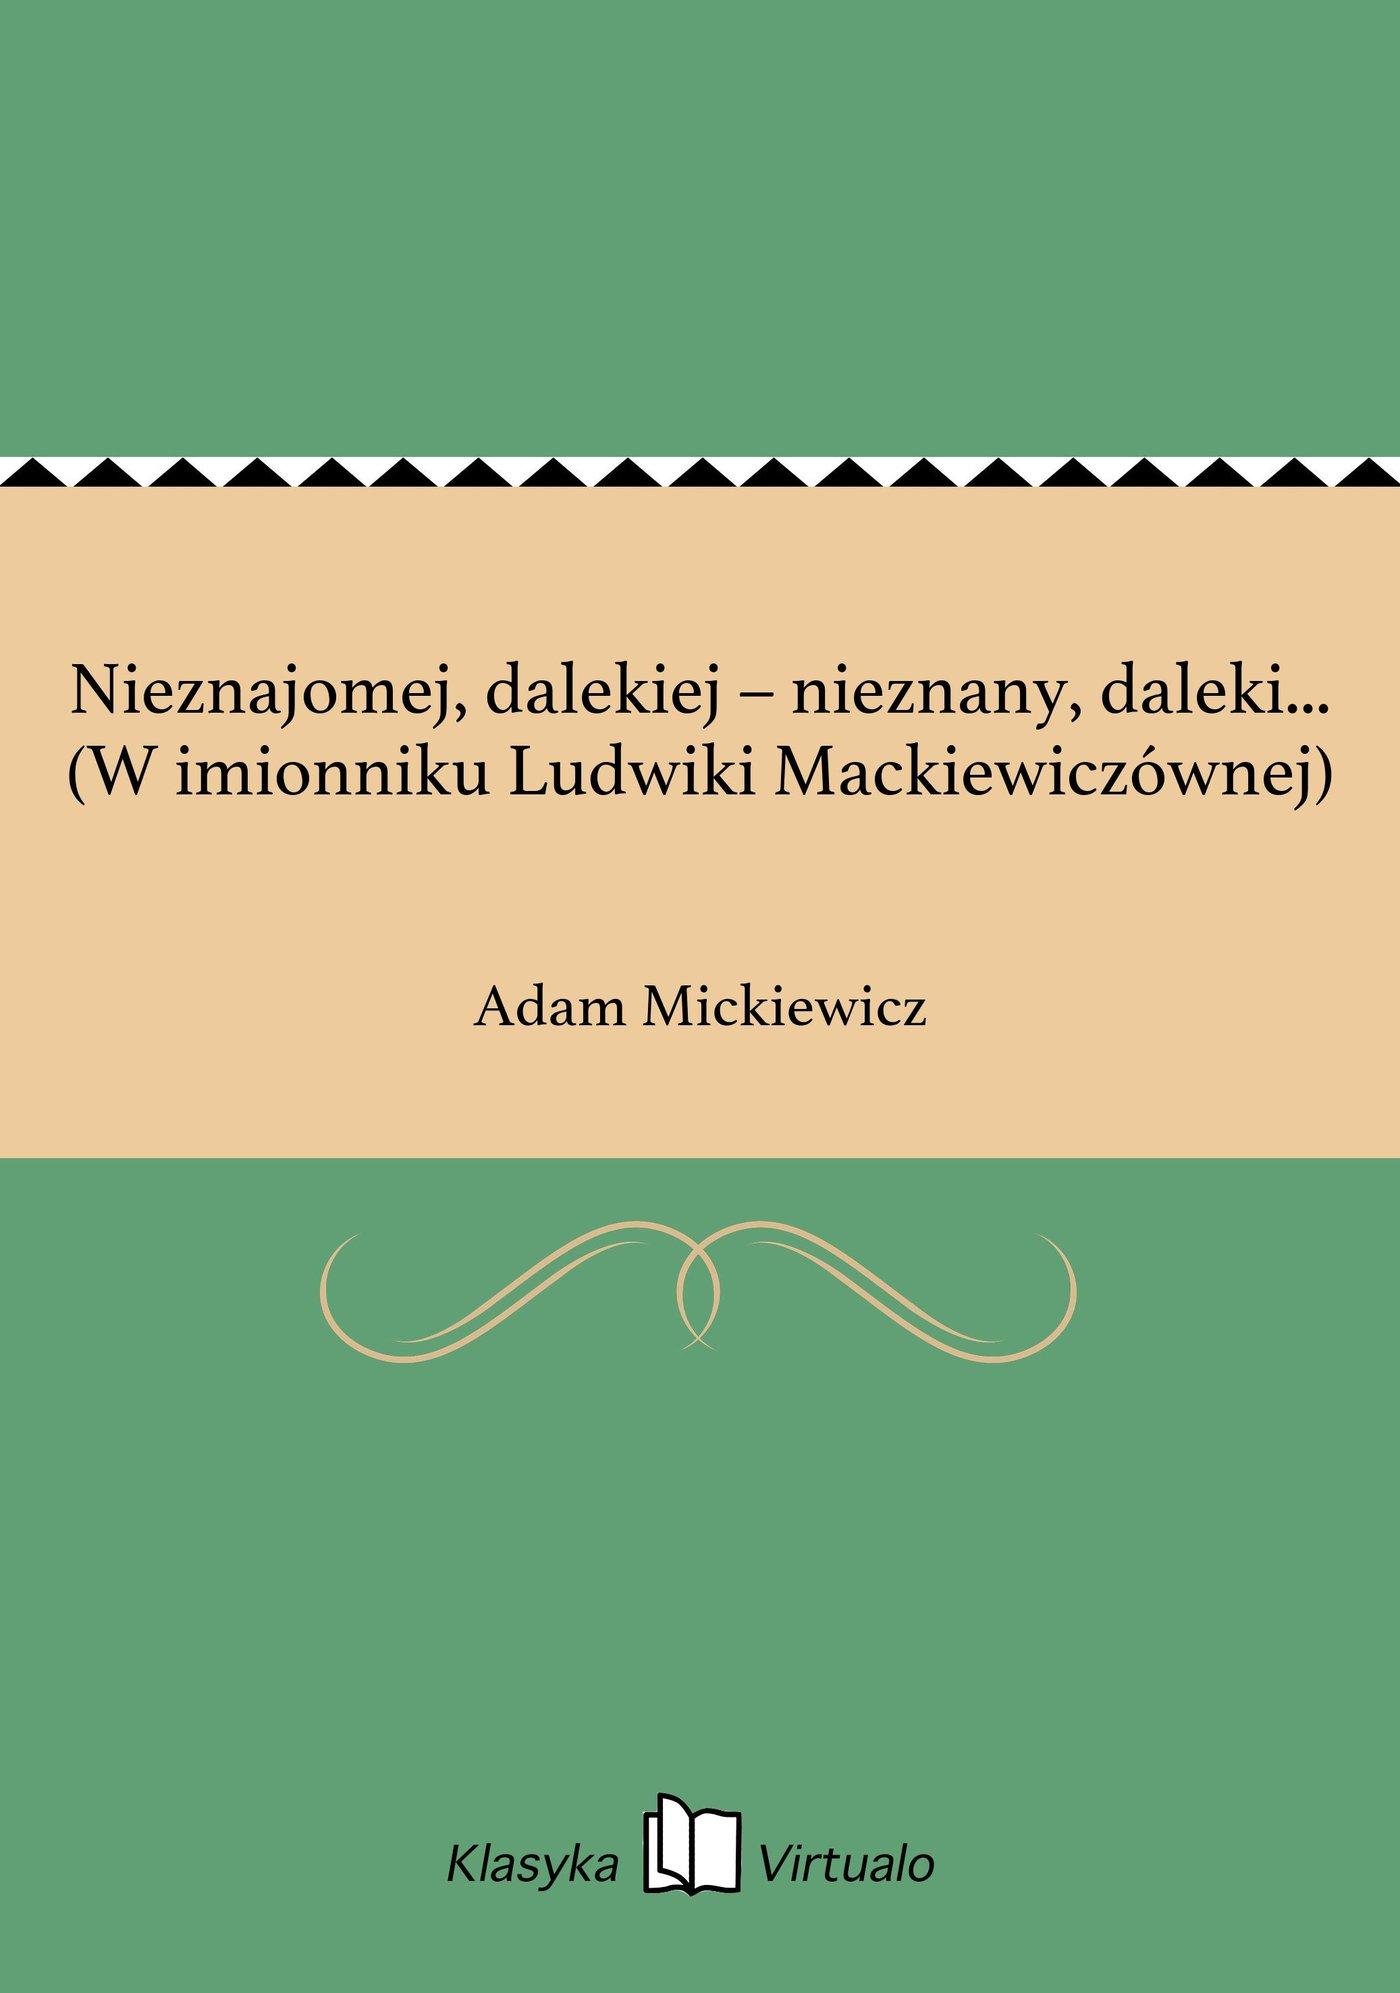 Nieznajomej, dalekiej – nieznany, daleki... (W imionniku Ludwiki Mackiewiczównej) - Ebook (Książka EPUB) do pobrania w formacie EPUB